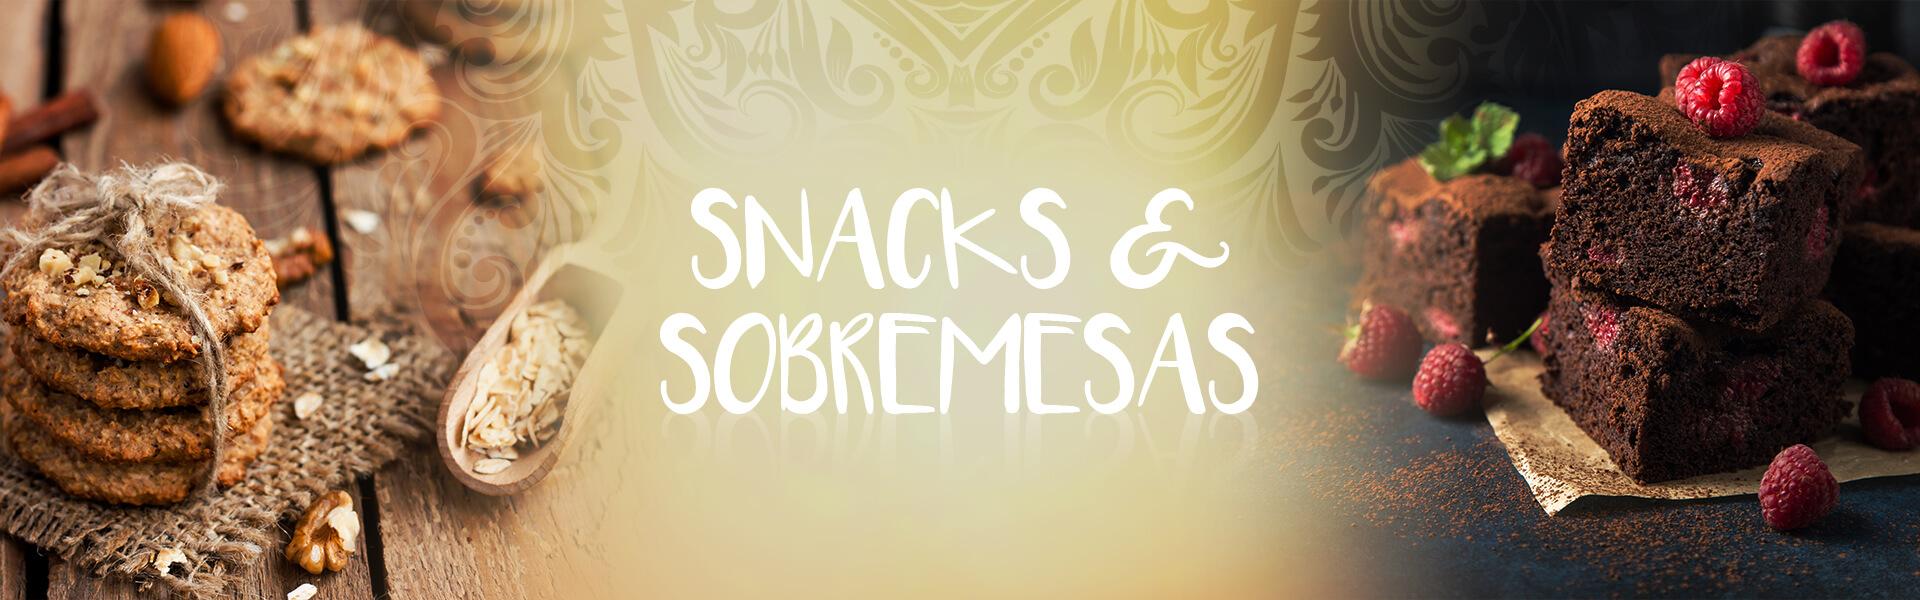 Sobremesas e snacks